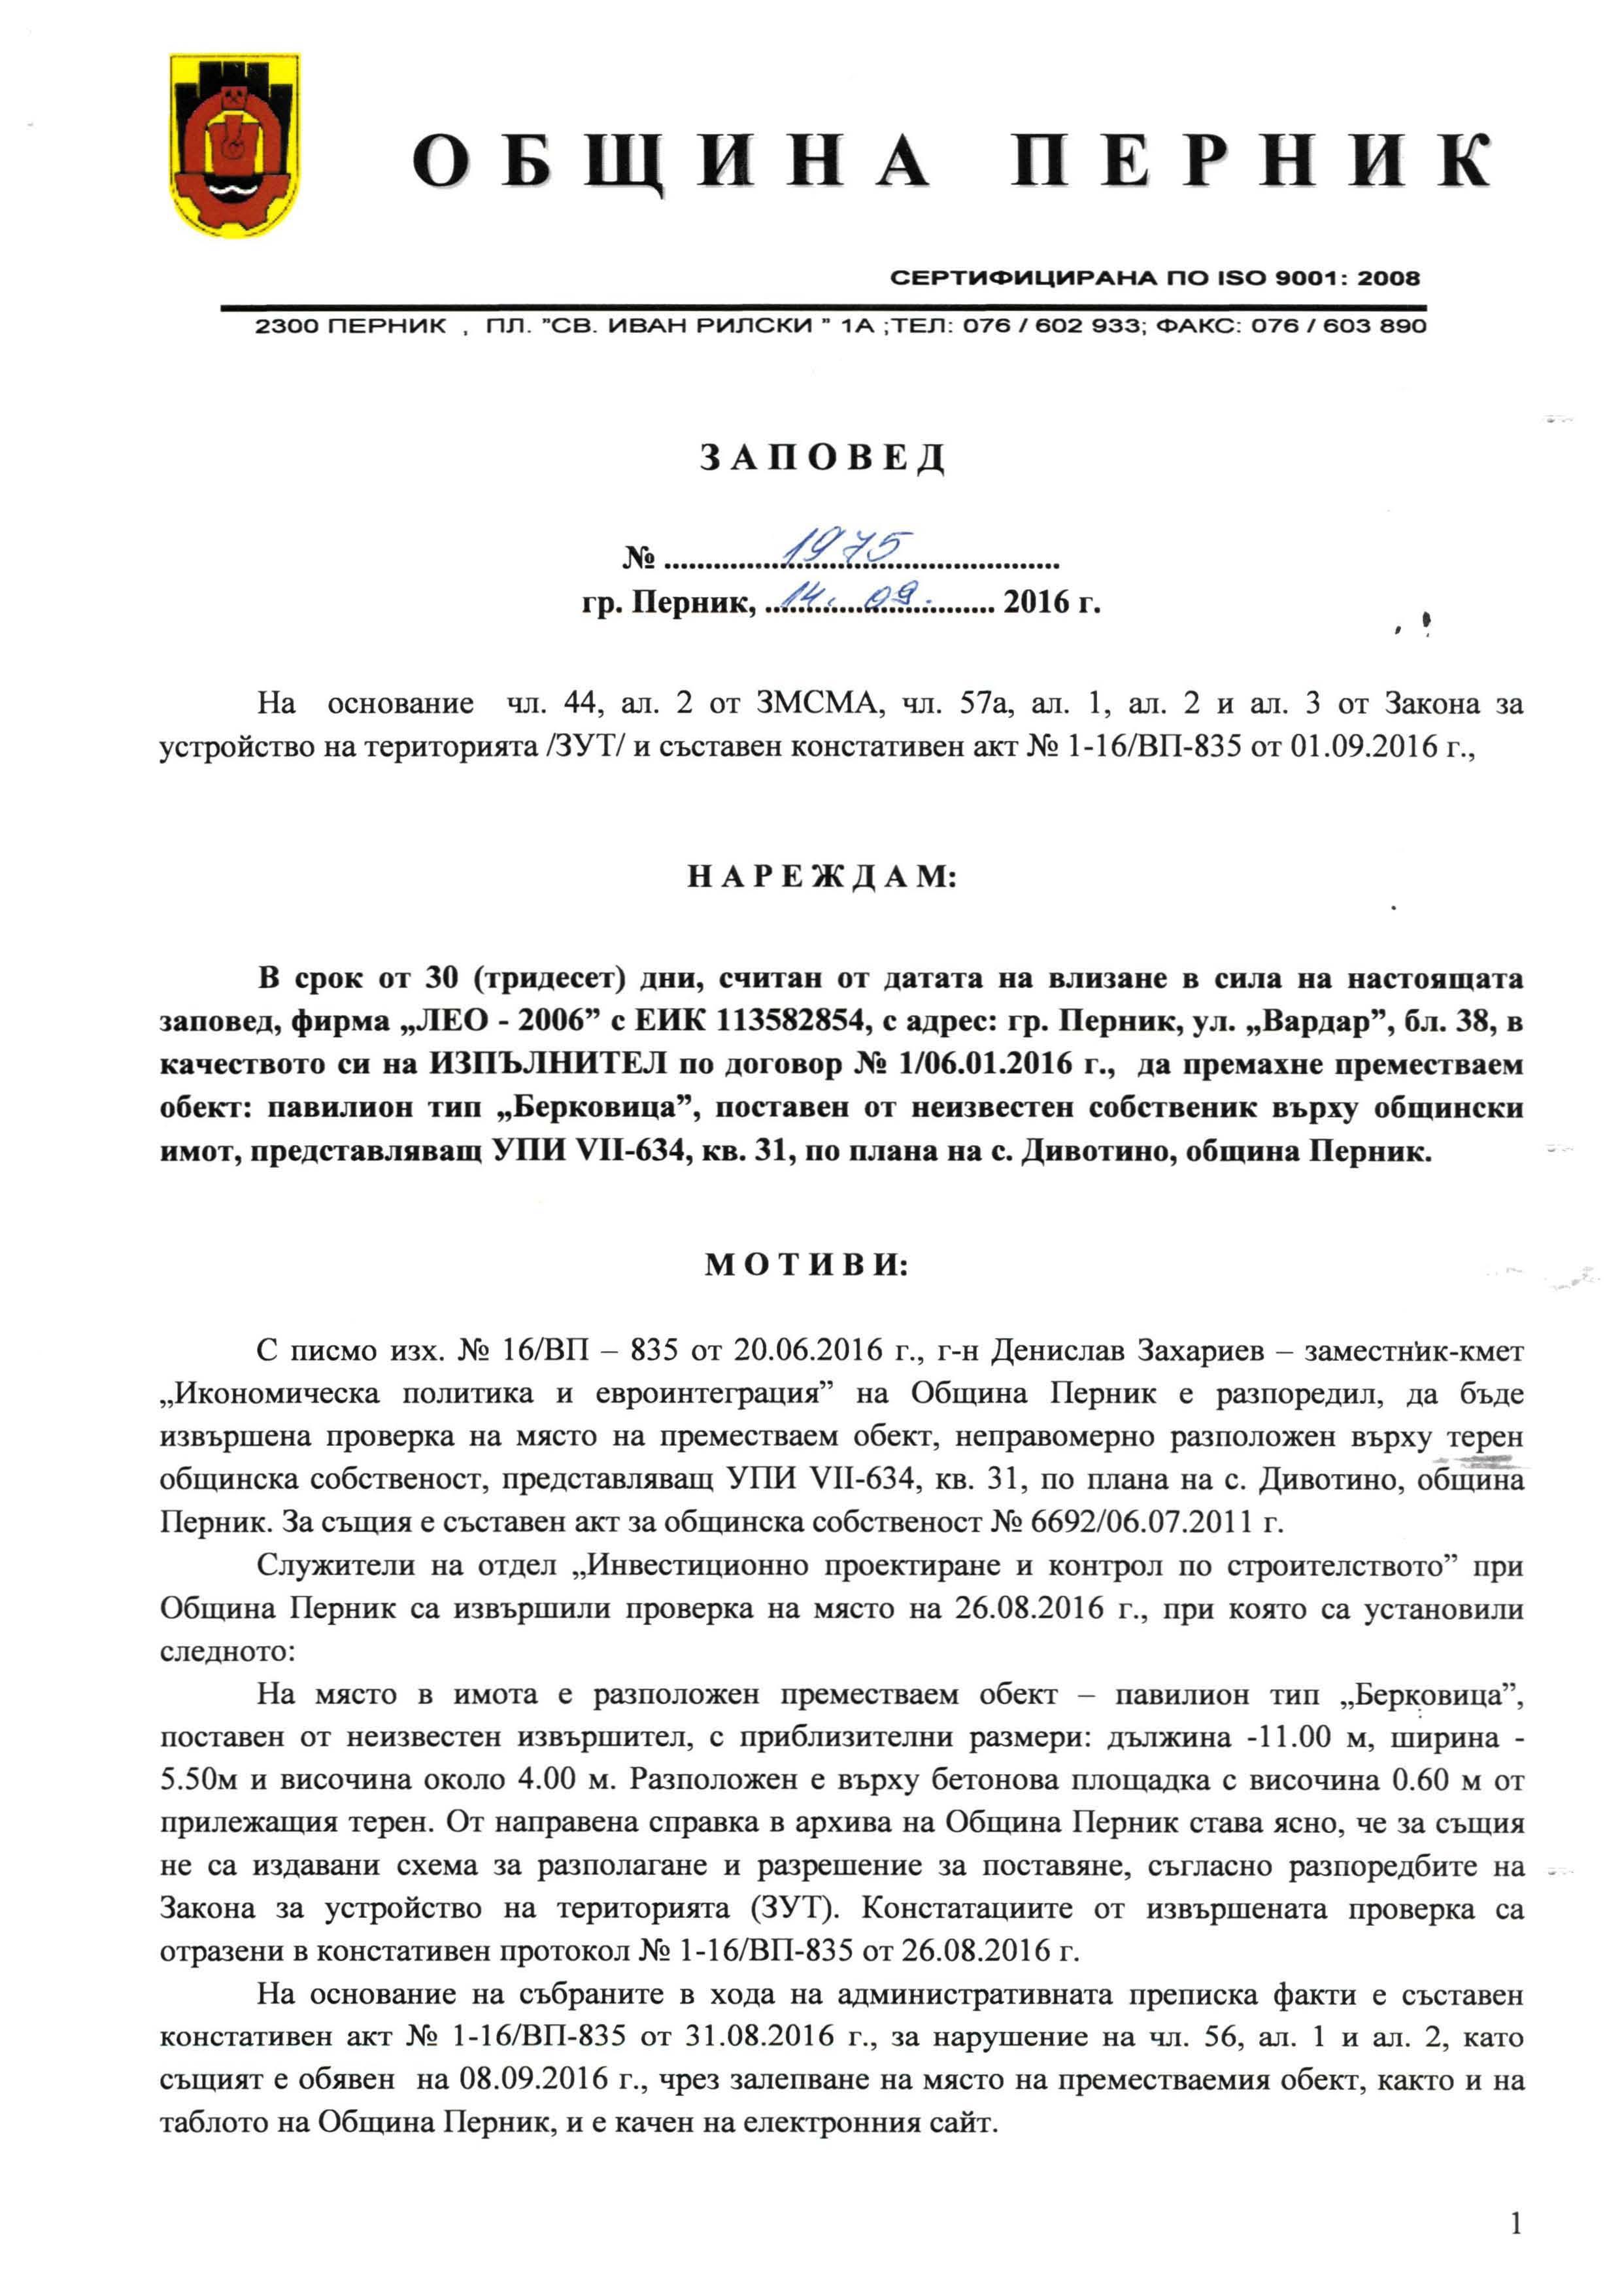 pavilion-divotino_page_1